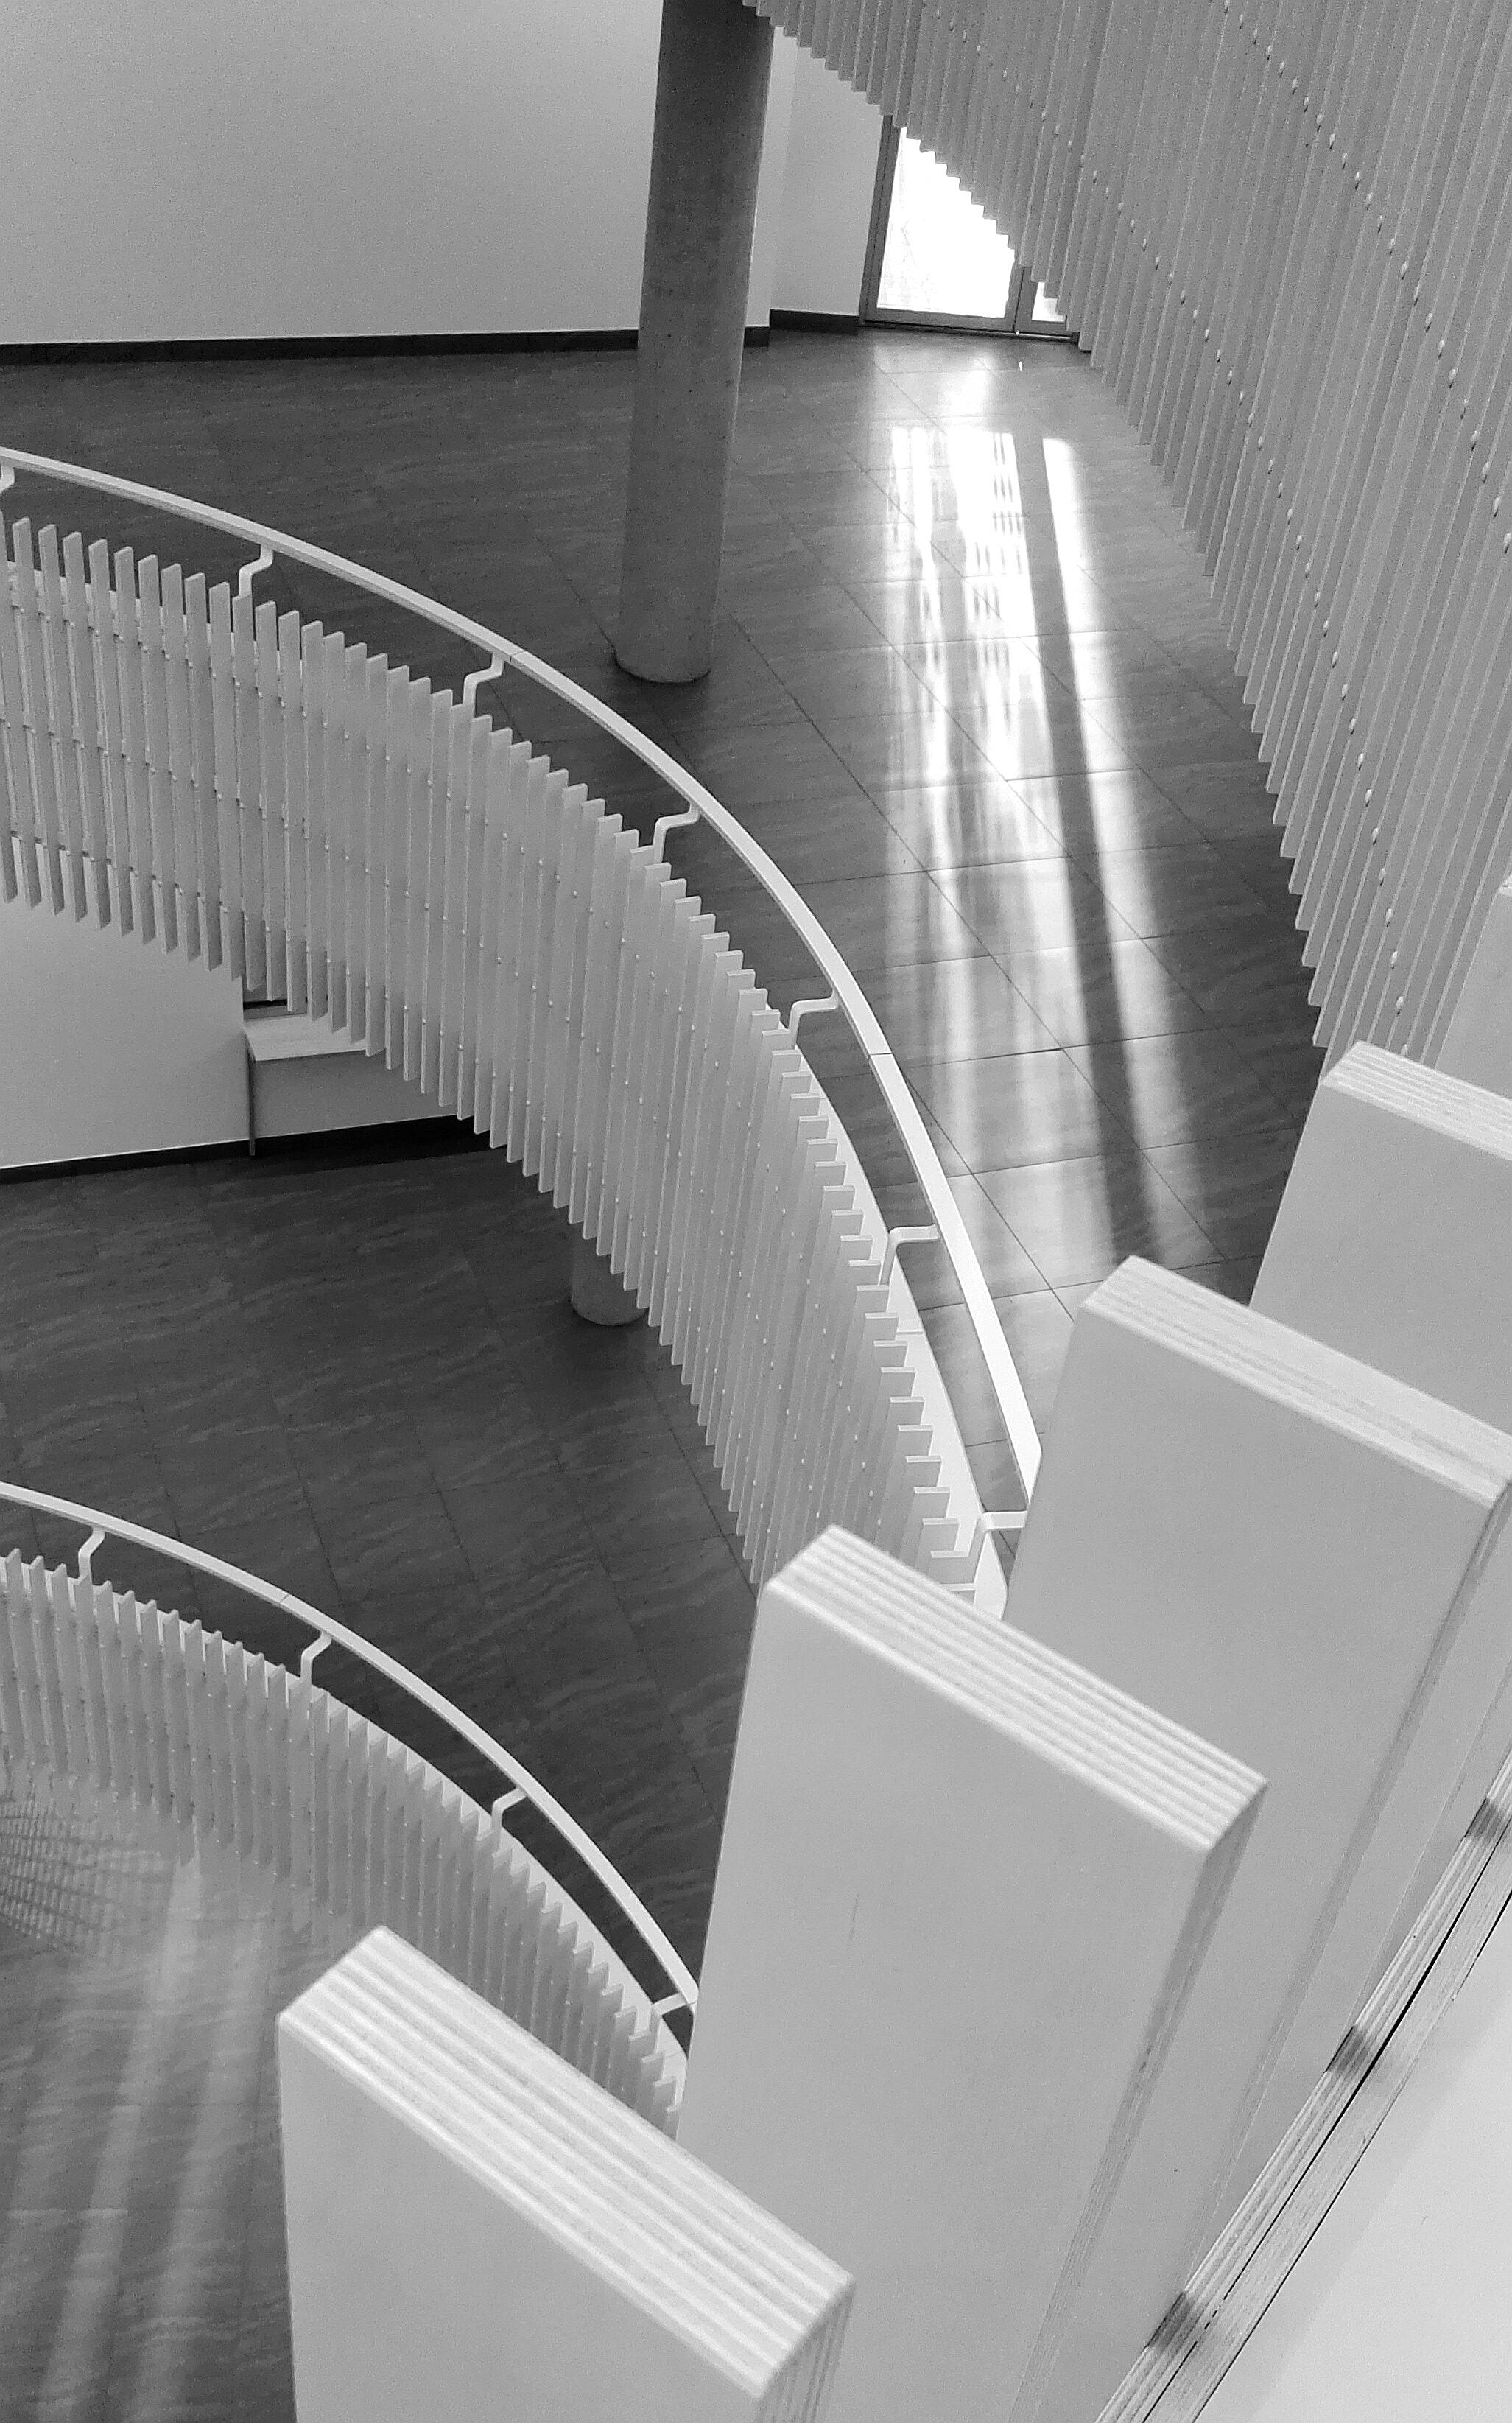 White steel rails photo